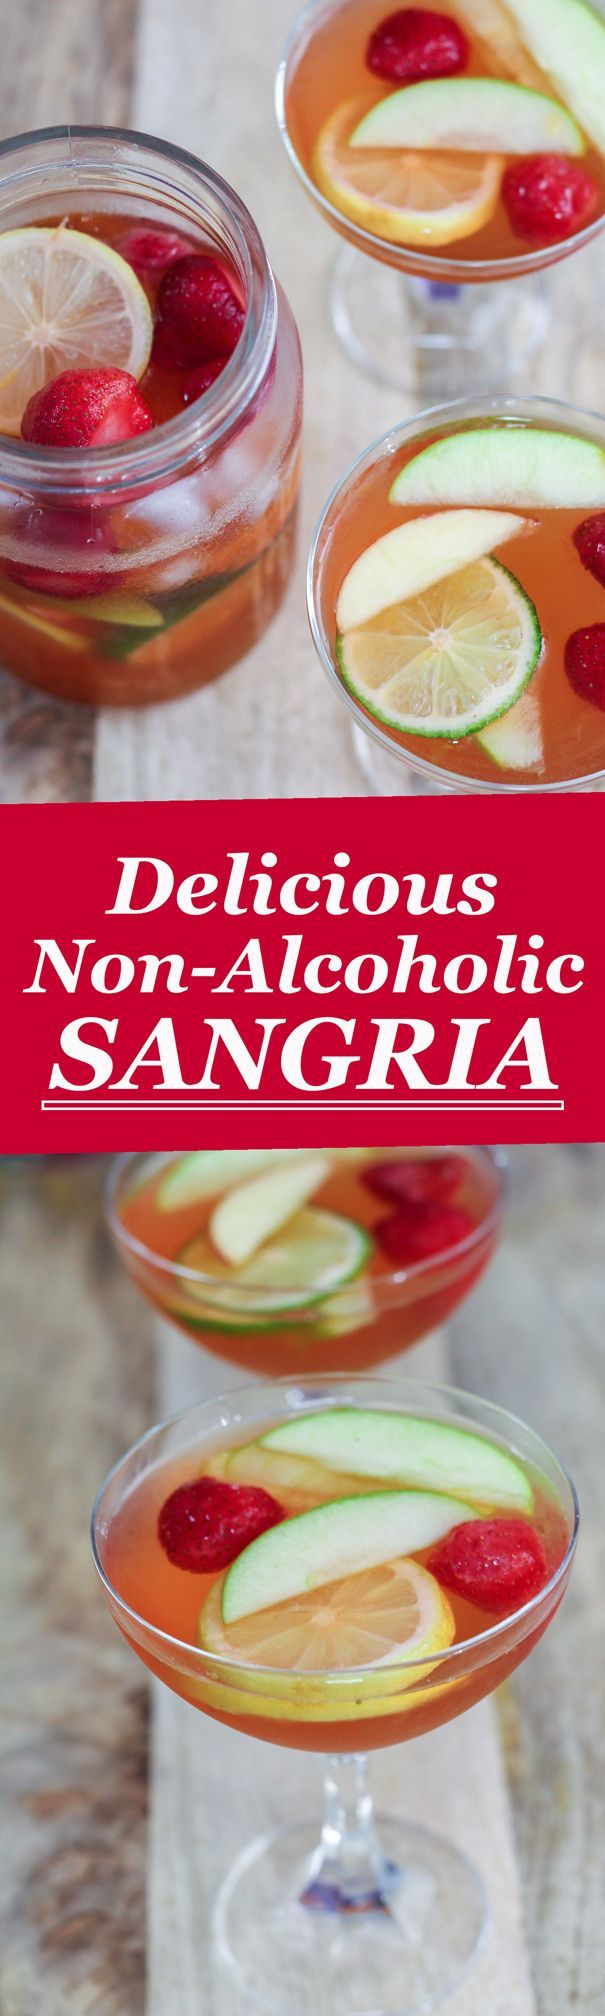 about Non Alcoholic Sangria on Pinterest | Non Alcoholic, Sangria ...